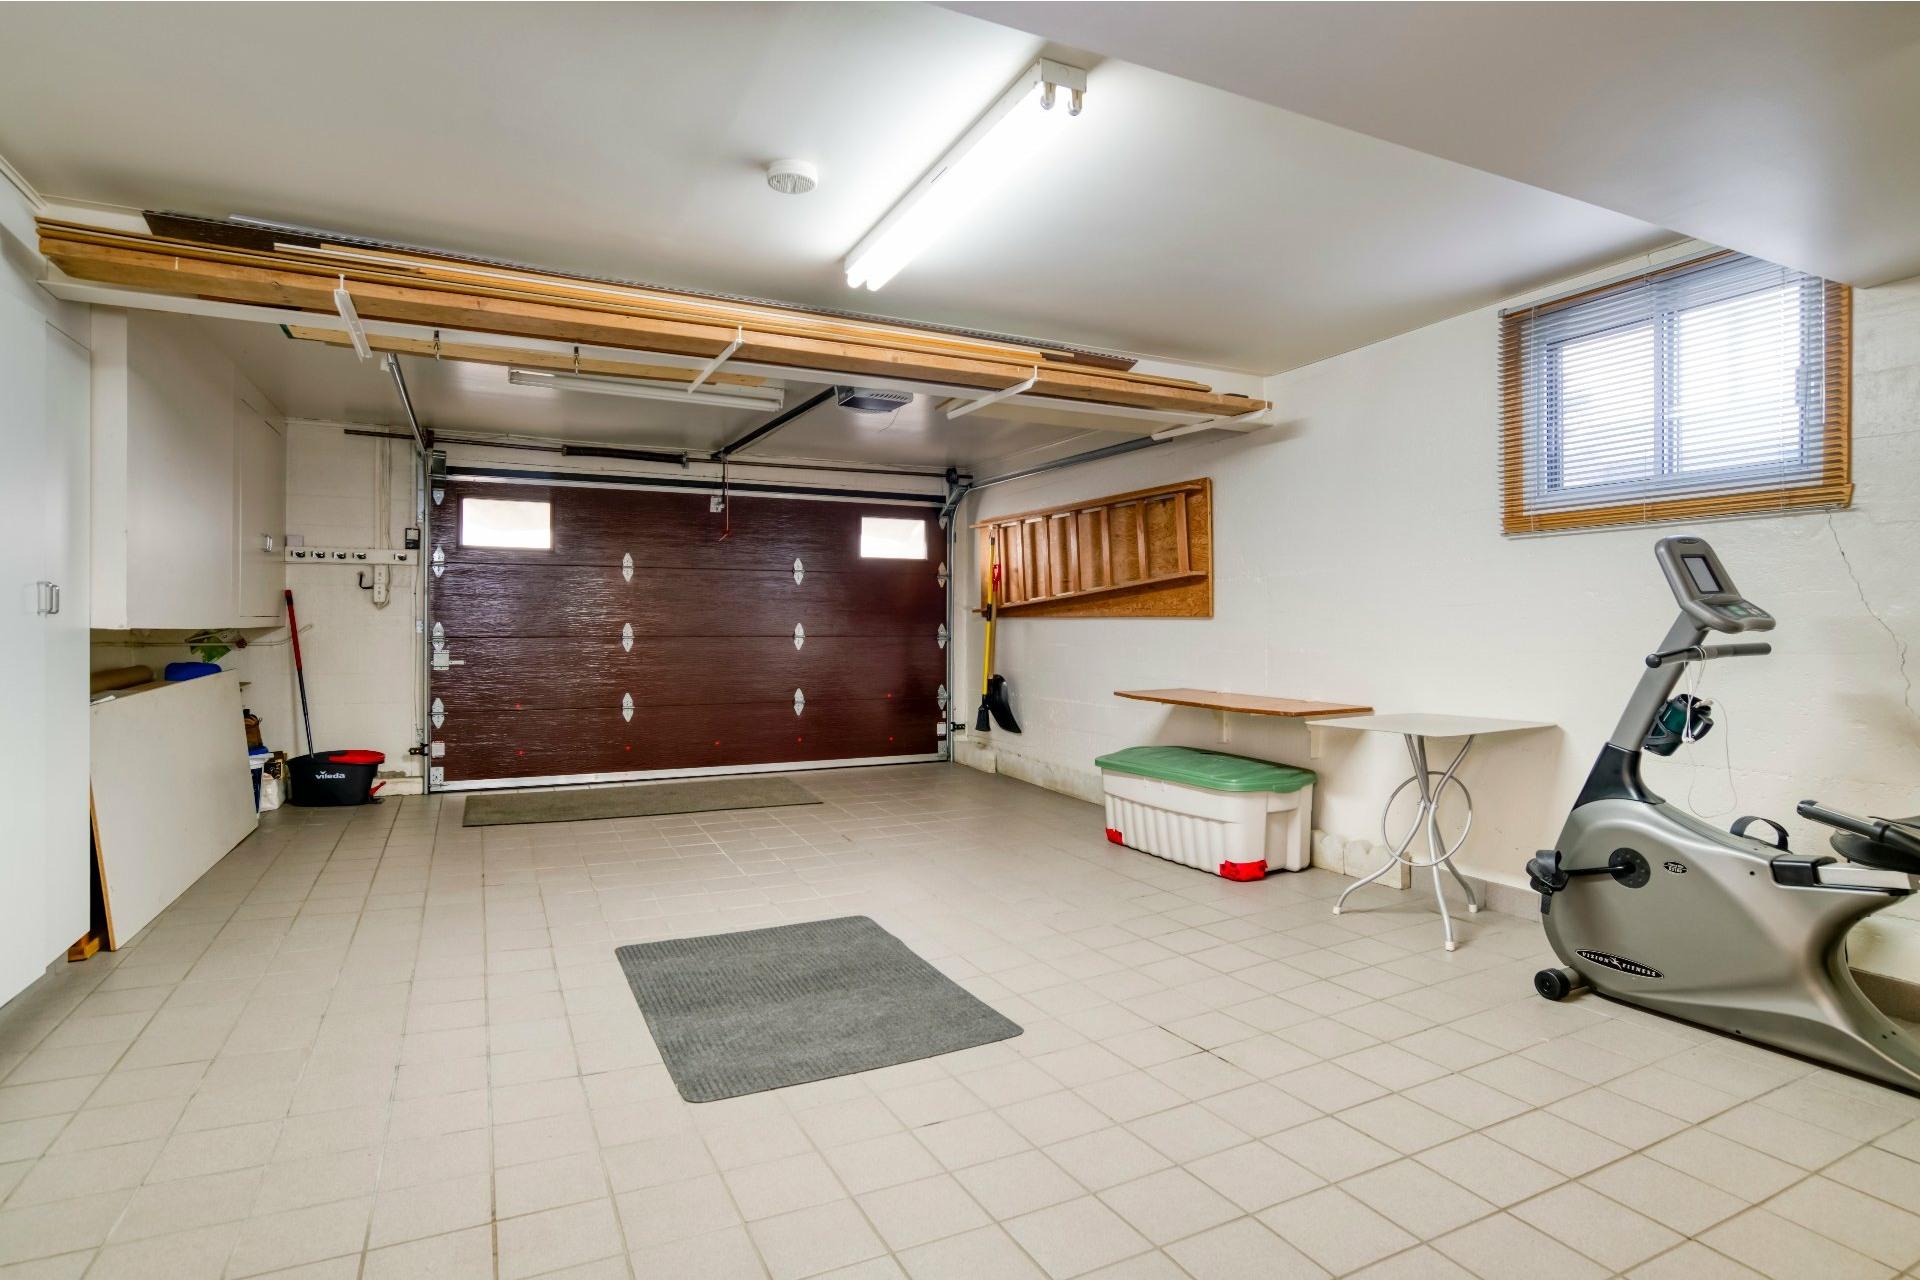 image 23 - Maison À vendre Duvernay Laval  - 10 pièces